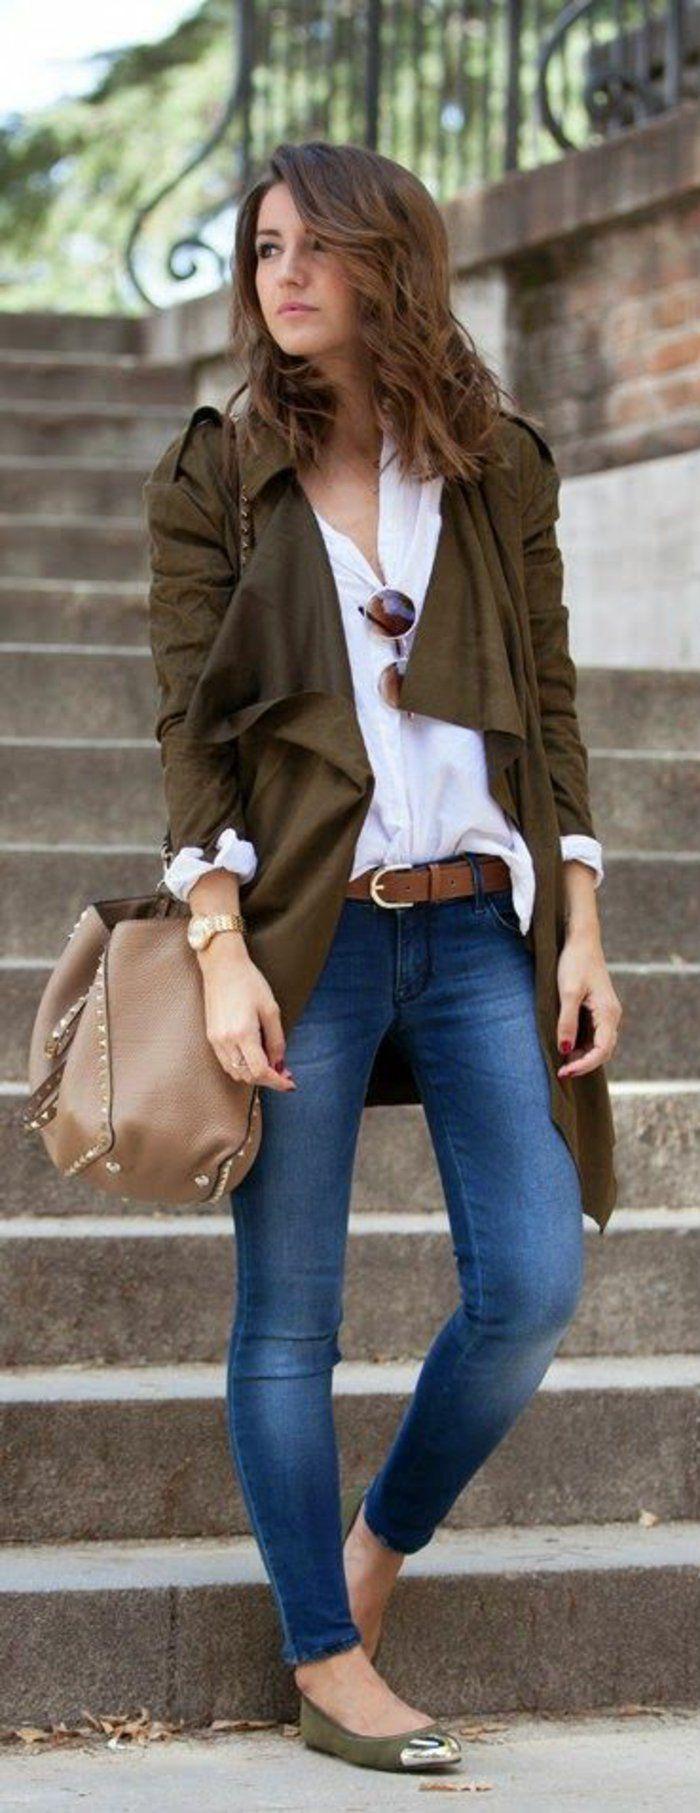 Le style casuel chic avec jean et chemise blanche